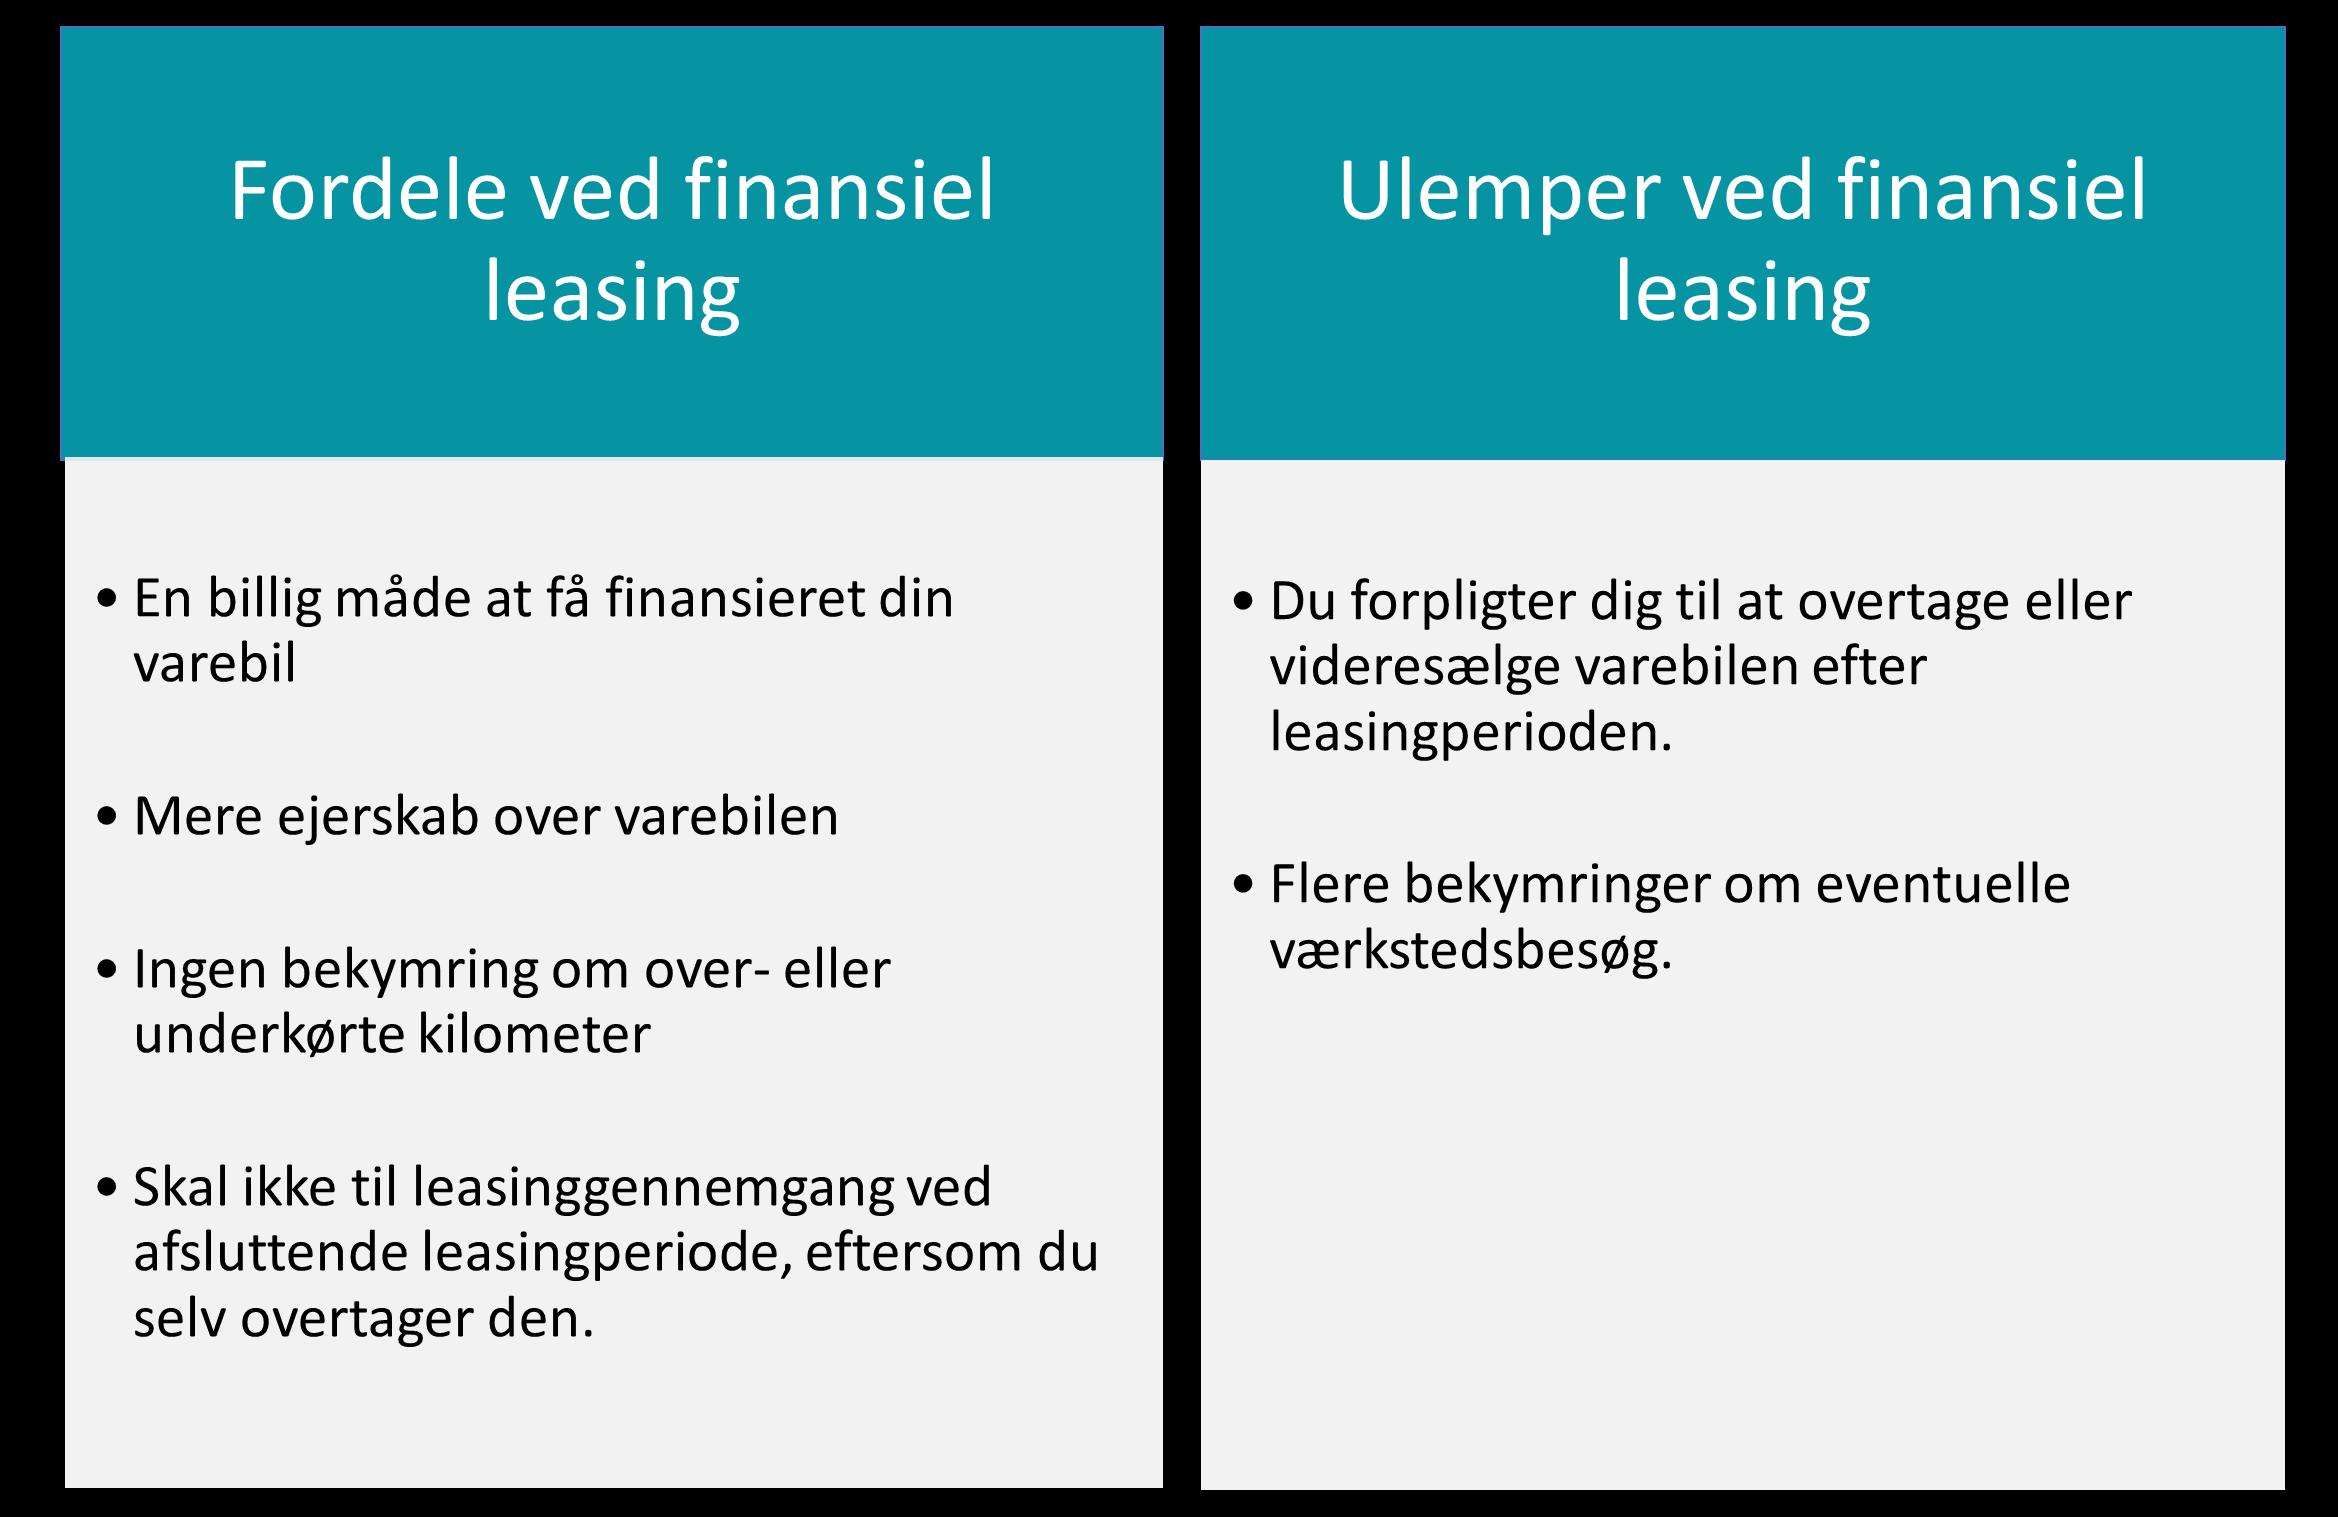 fordele og ulemper ved finansiel leasing.png